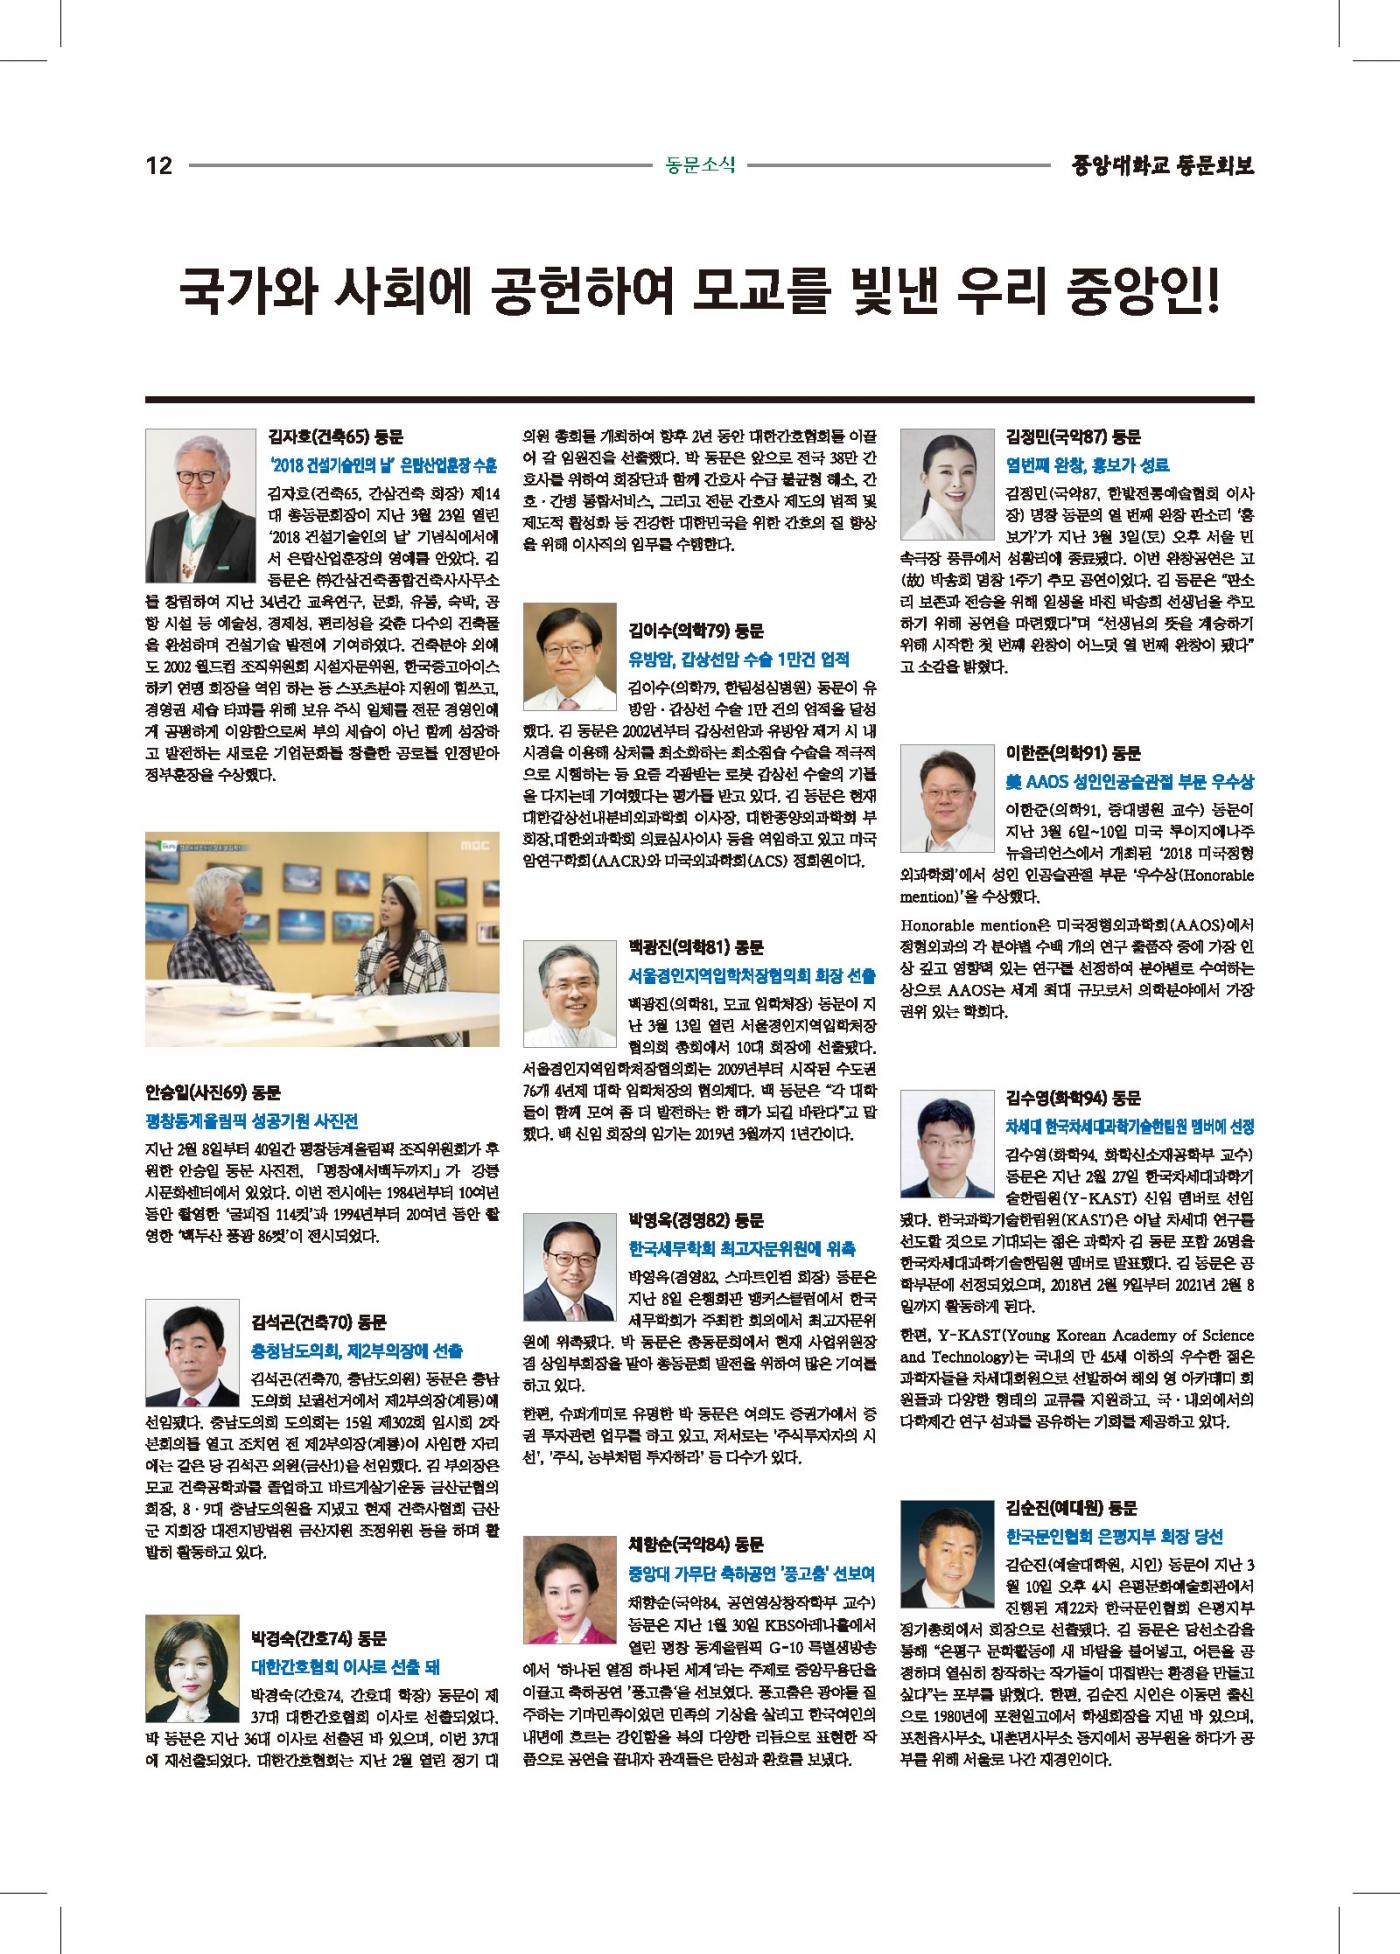 중총신문-18-4-23-인쇄OL1-12.jpg